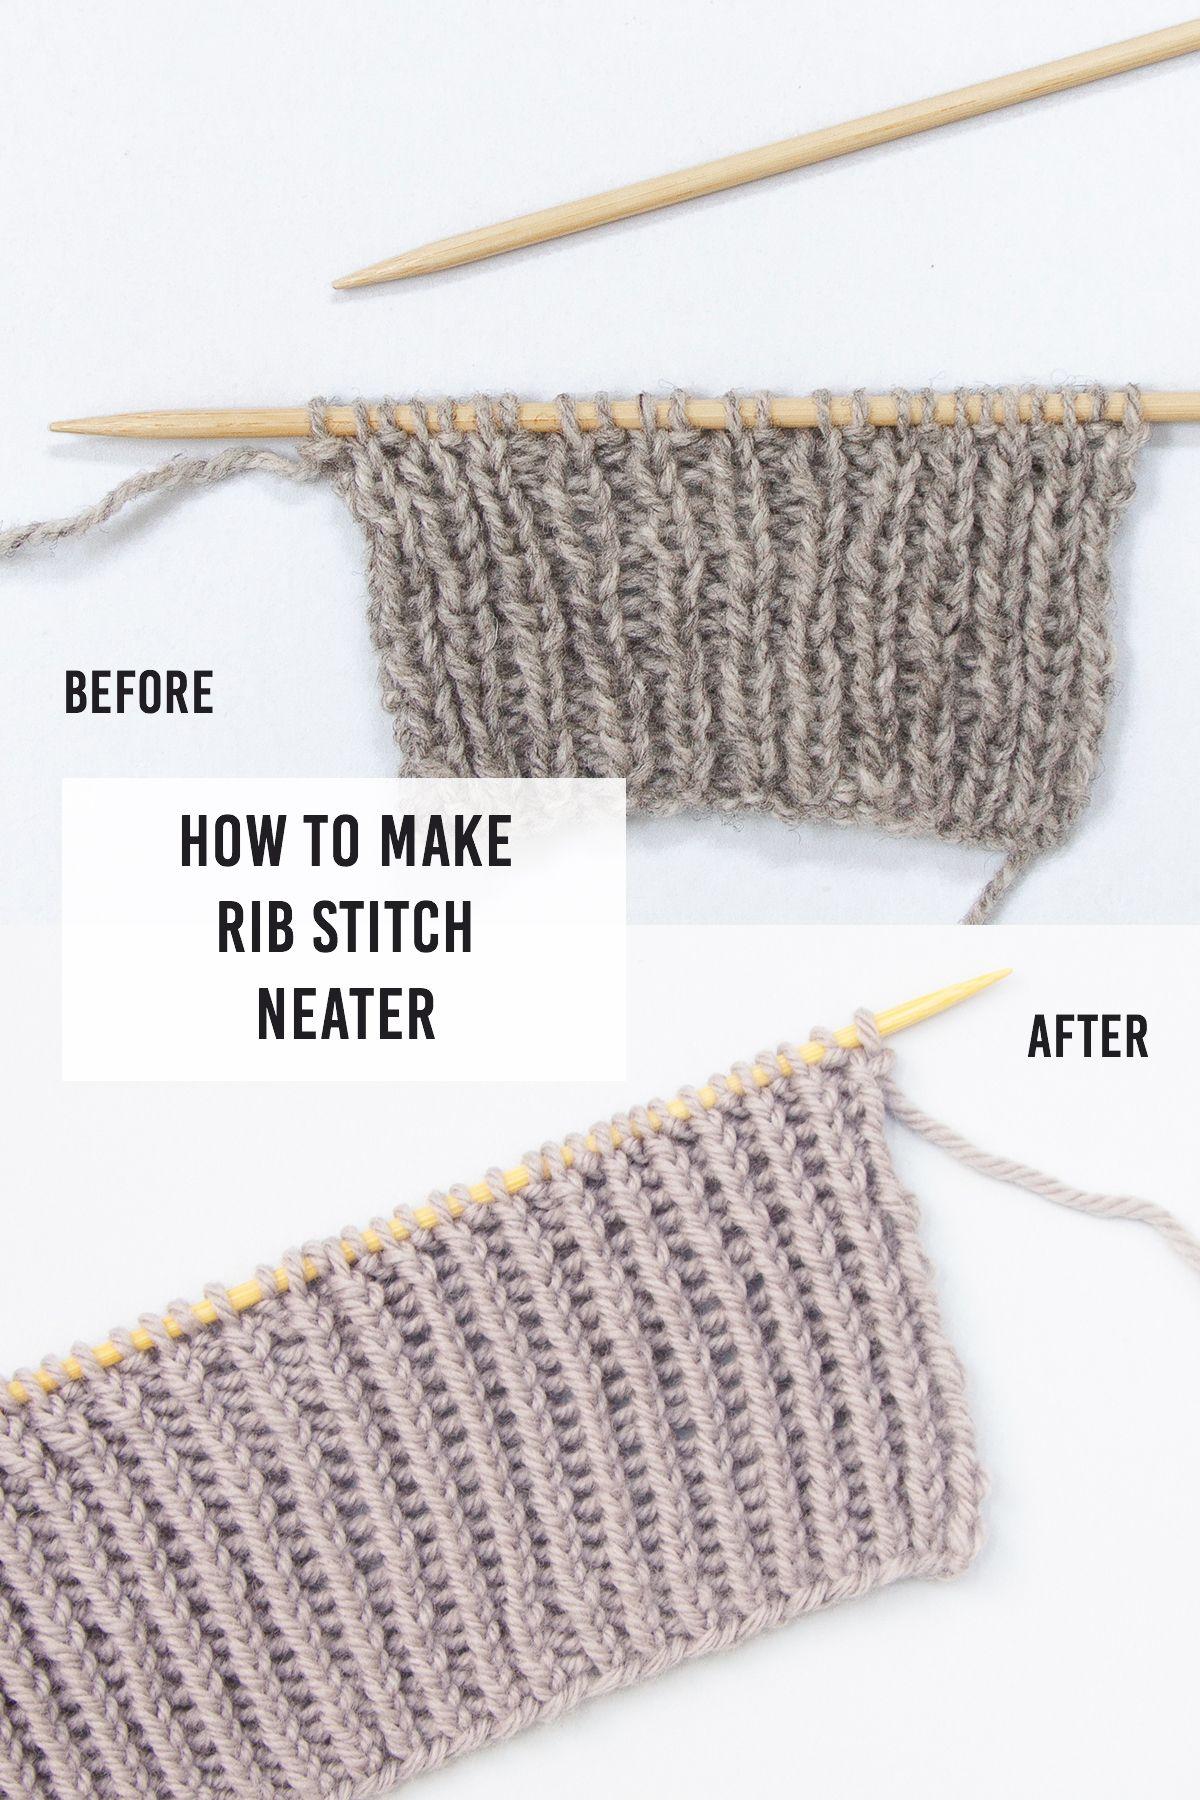 How To Make Rib Stitch Neater: Twisted Rib Stitch #knitting